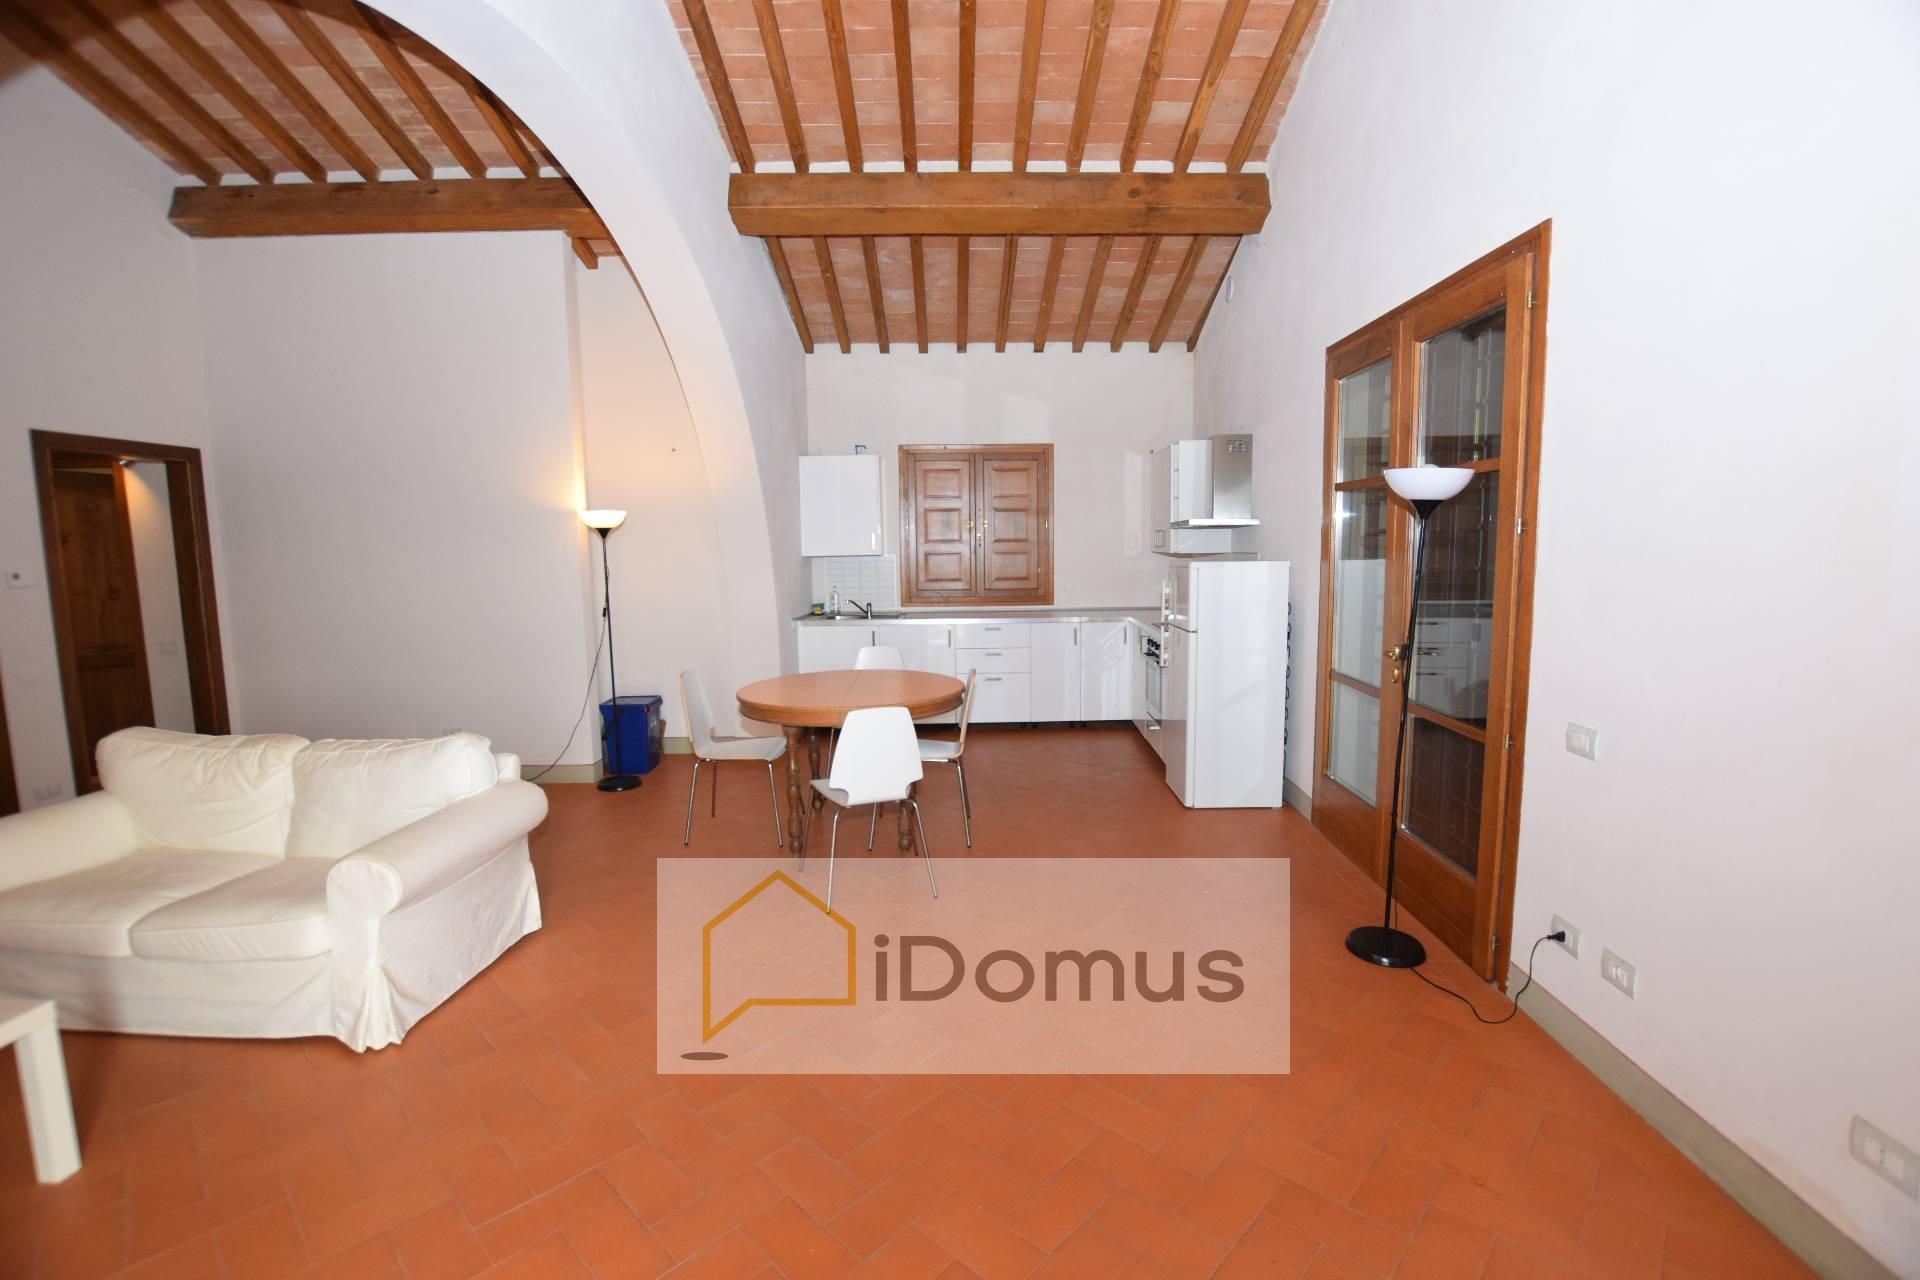 Appartamento in affitto a San Giuliano Terme, 2 locali, zona Zona: Ghezzano, prezzo € 800 | Cambio Casa.it